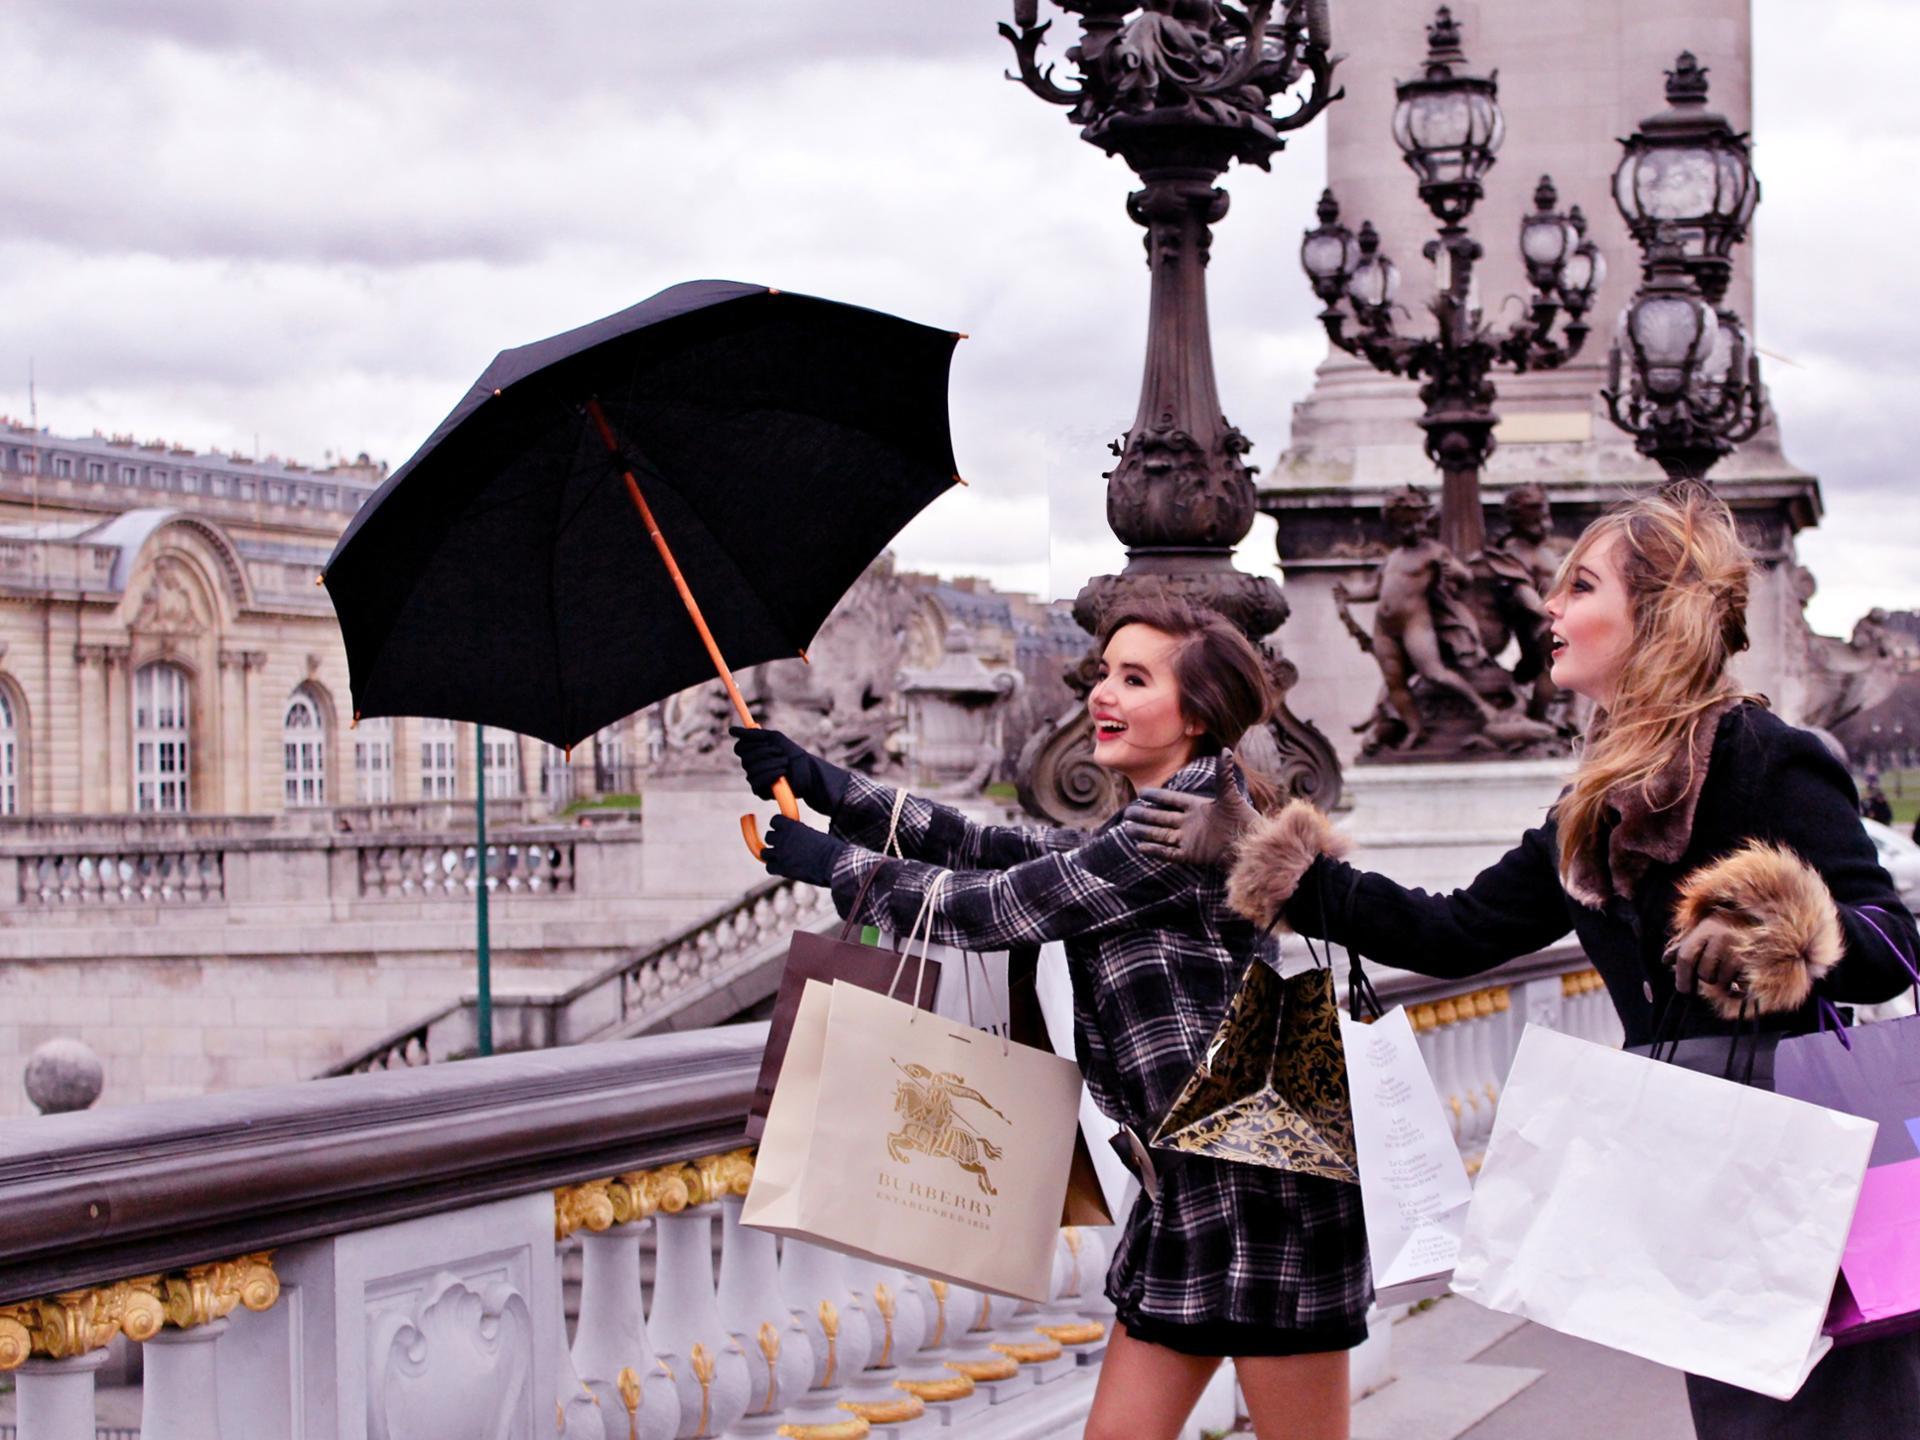 paris 1950, la mode s'affole...